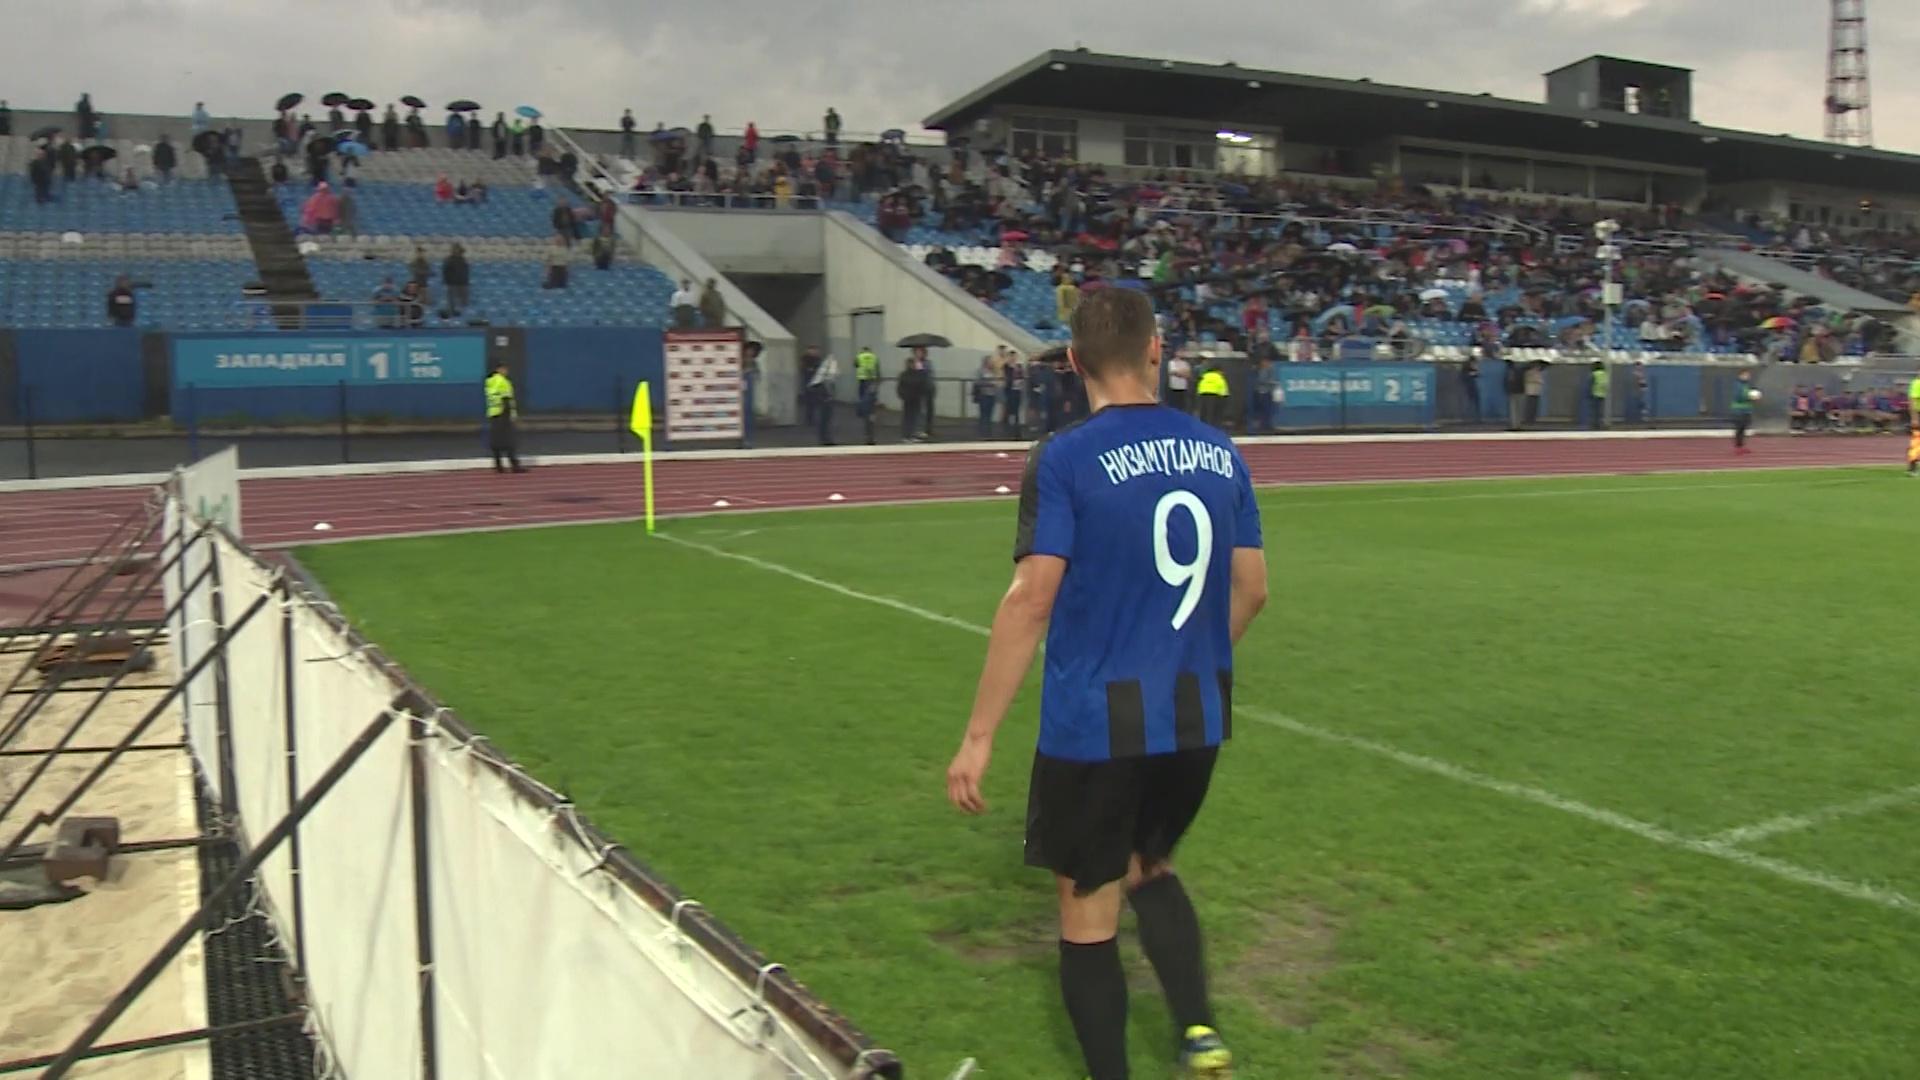 Эльдар Низамутдинов стал лучшим футболистом первой части сезона по версии поклонников